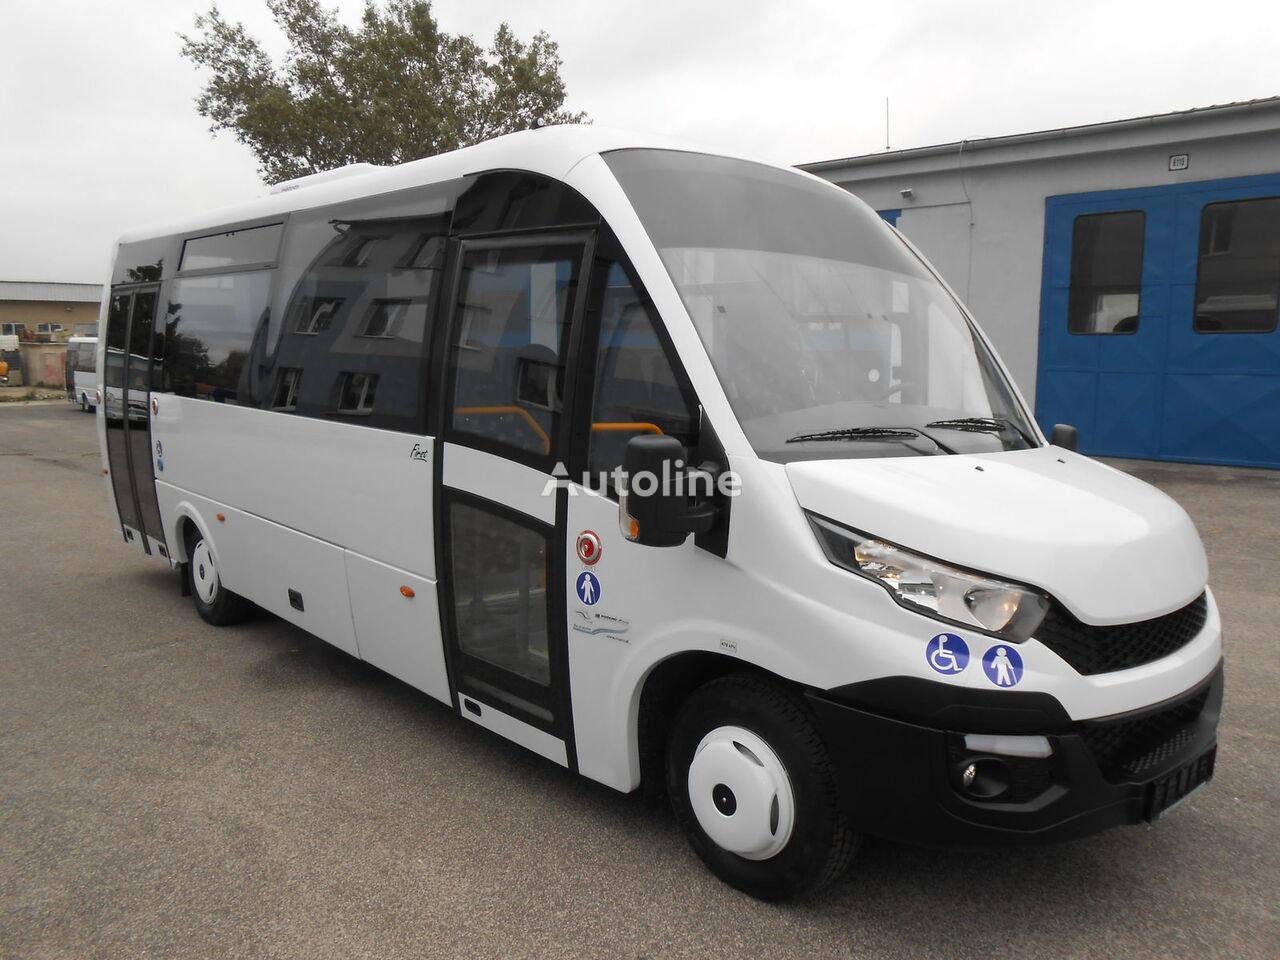 verkauf von neue iveco rosero first fclli kleinbus personentransporter aus der slowakei. Black Bedroom Furniture Sets. Home Design Ideas